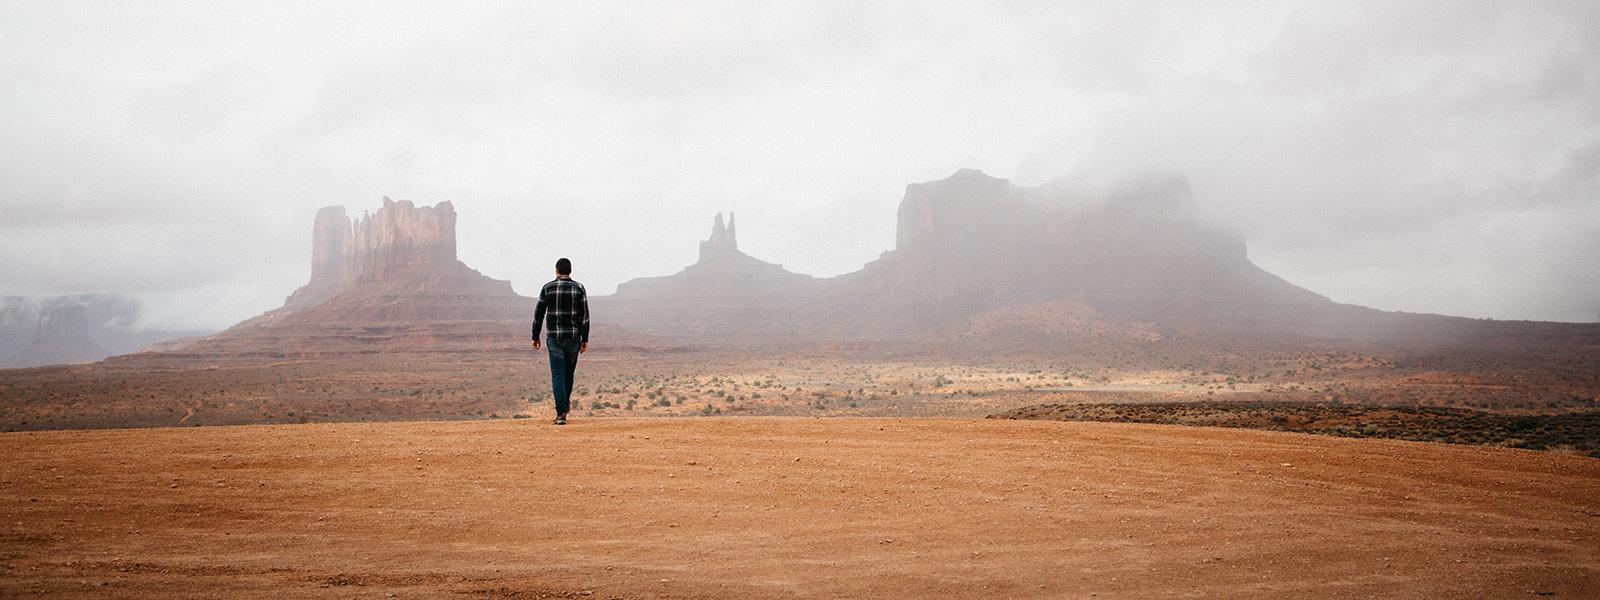 meilleur site de rencontre dans l'Utah limites du nuage Henry dans la datation